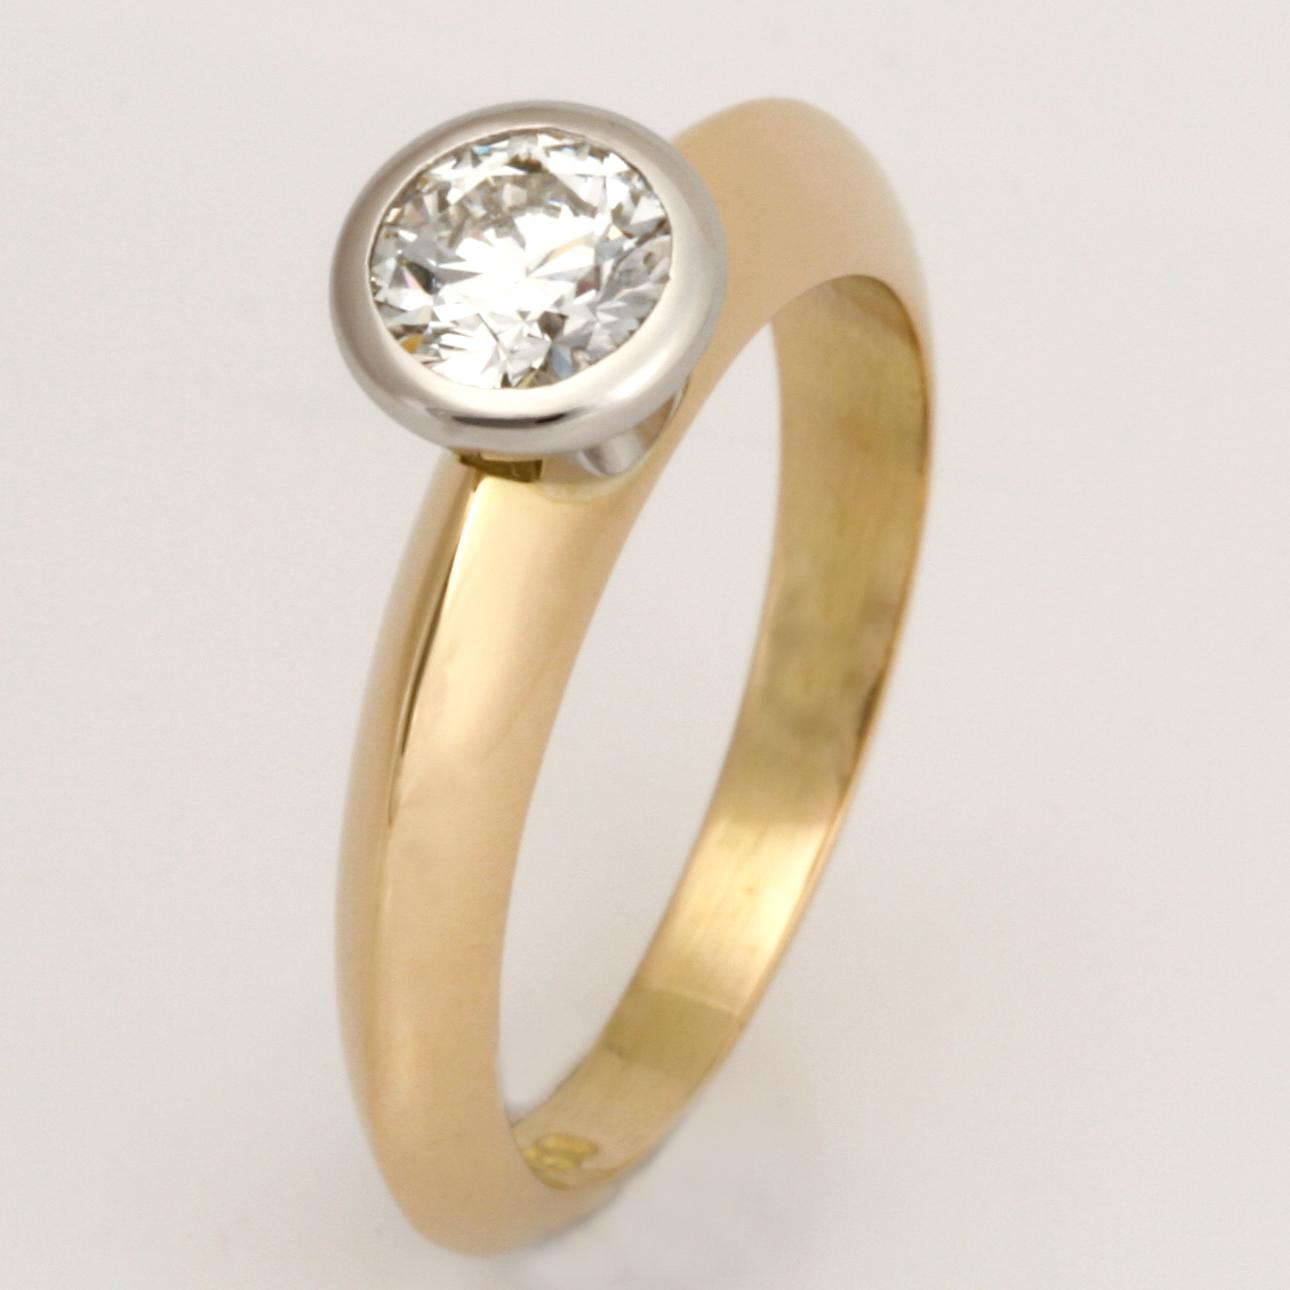 Handmade ladies 18ct yellow gold and platinum diamond engagement ring.